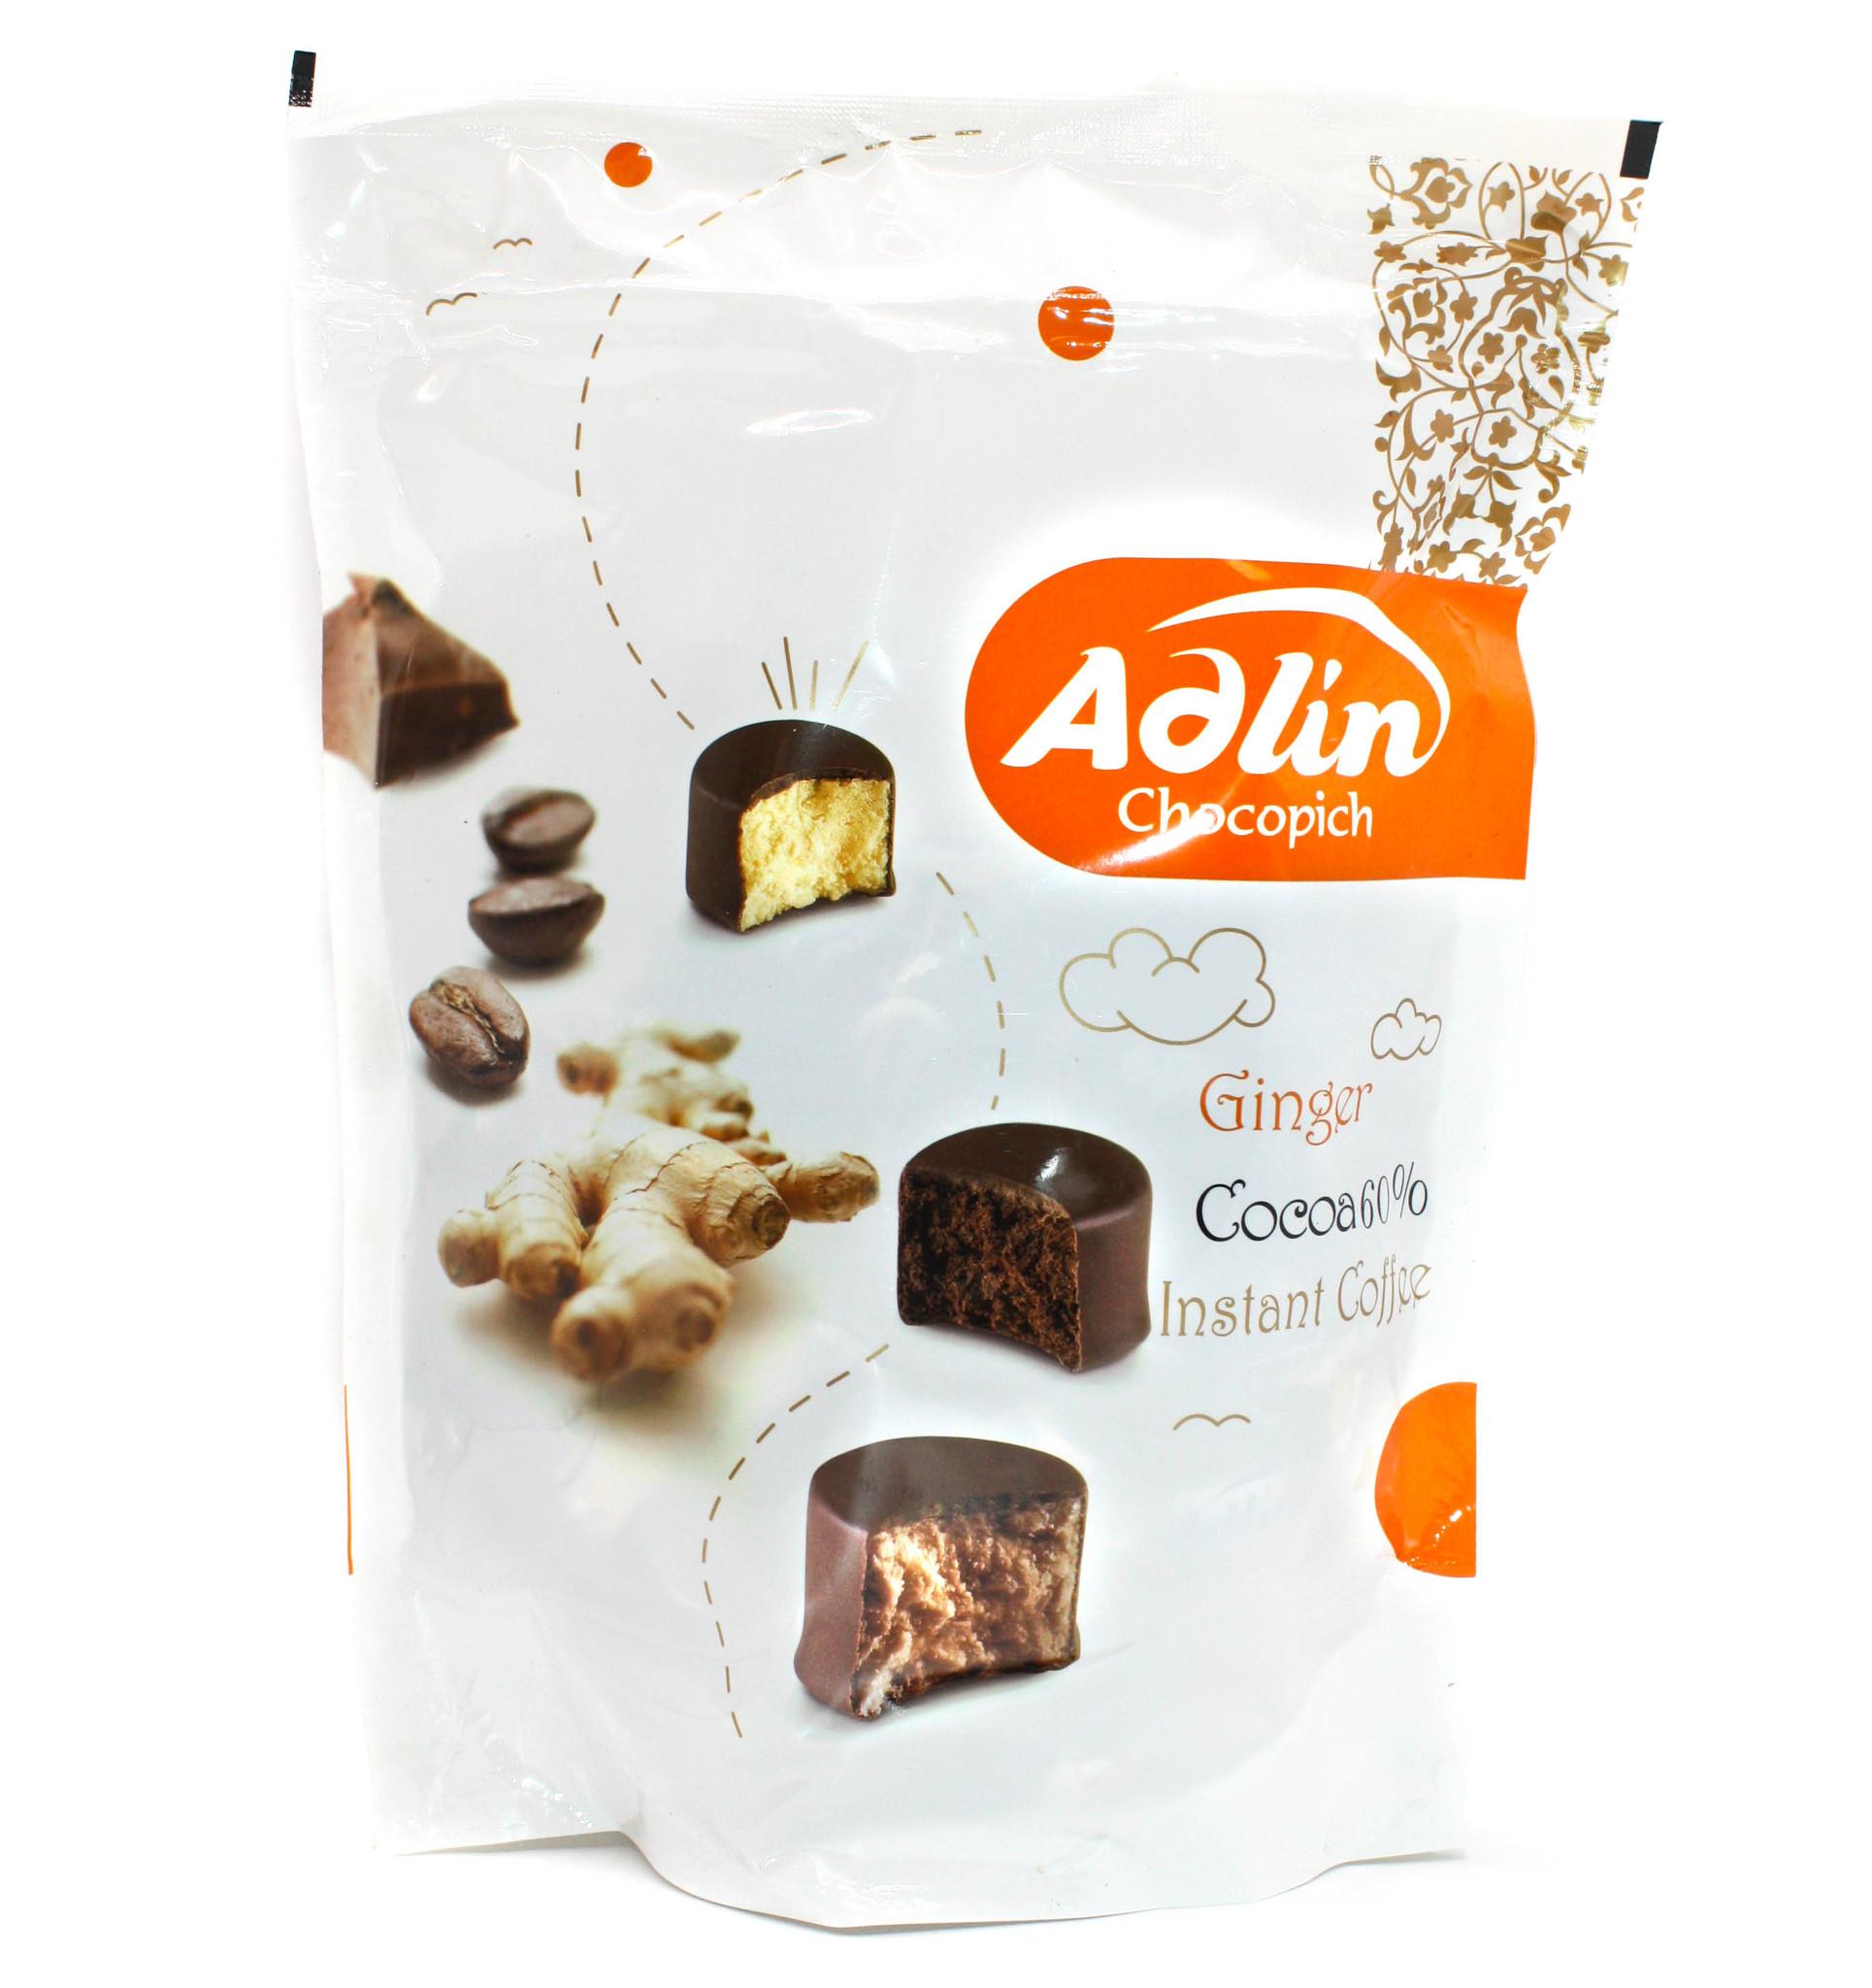 Пишмание Пишмание со вкусом имбиря, какао и кофе в шоколадной глазури, Adlin, 350 г import_files_07_07567c71042811e9a9a2484d7ecee297_07567c7b042811e9a9a2484d7ecee297.jpg